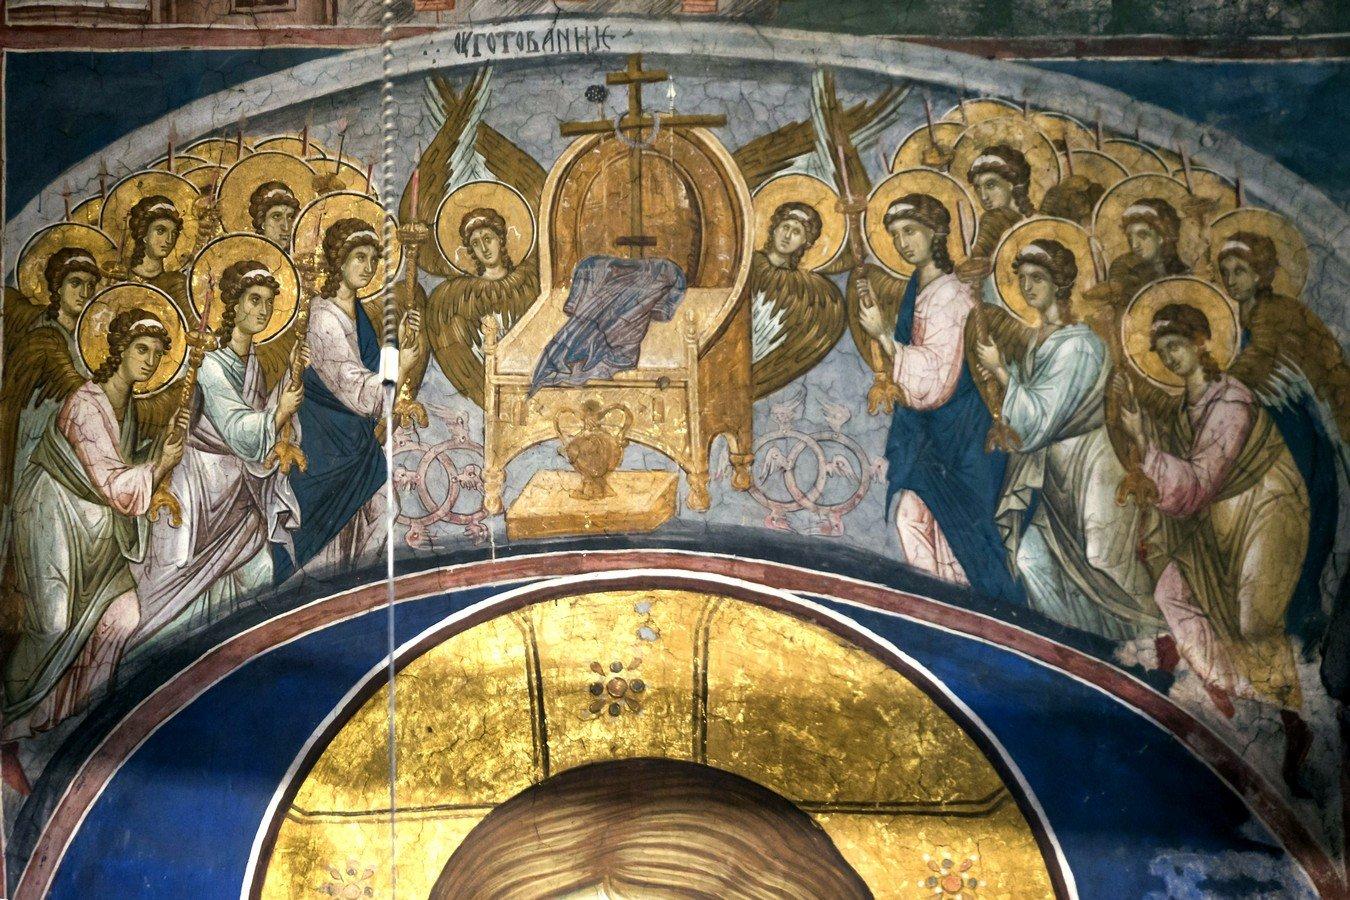 """Фрески из цикла """"Страшный Суд"""". Монастырь Высокие Дечаны, Косово и Метохия, Сербия. До 1350 года. Этимасия (Престол уготованный)."""